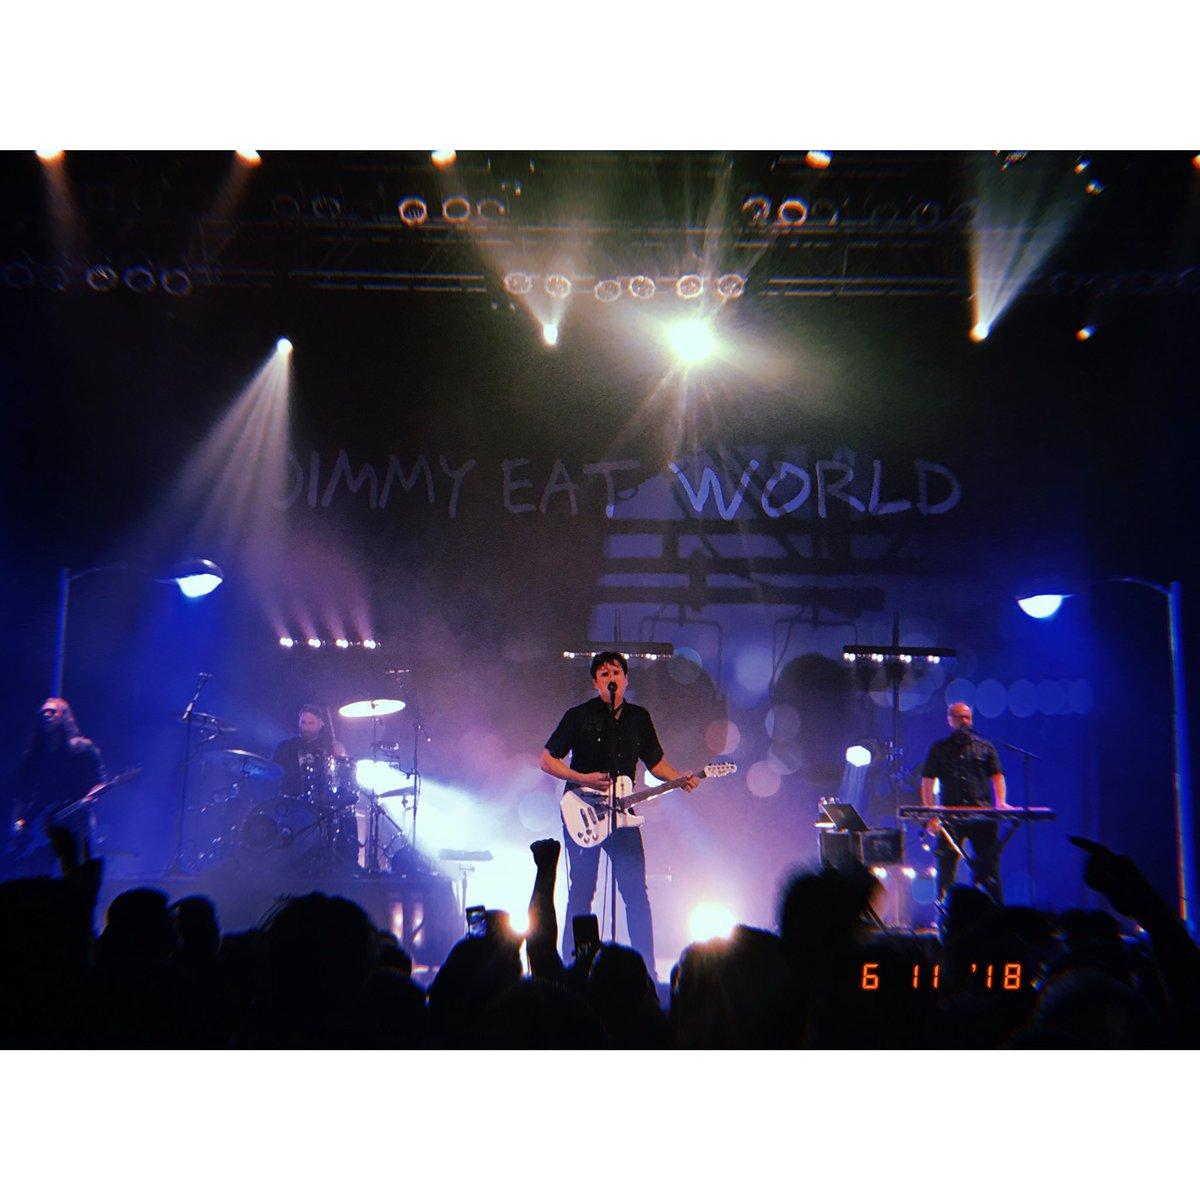 Jimmyeatworld Hashtag On Twitter